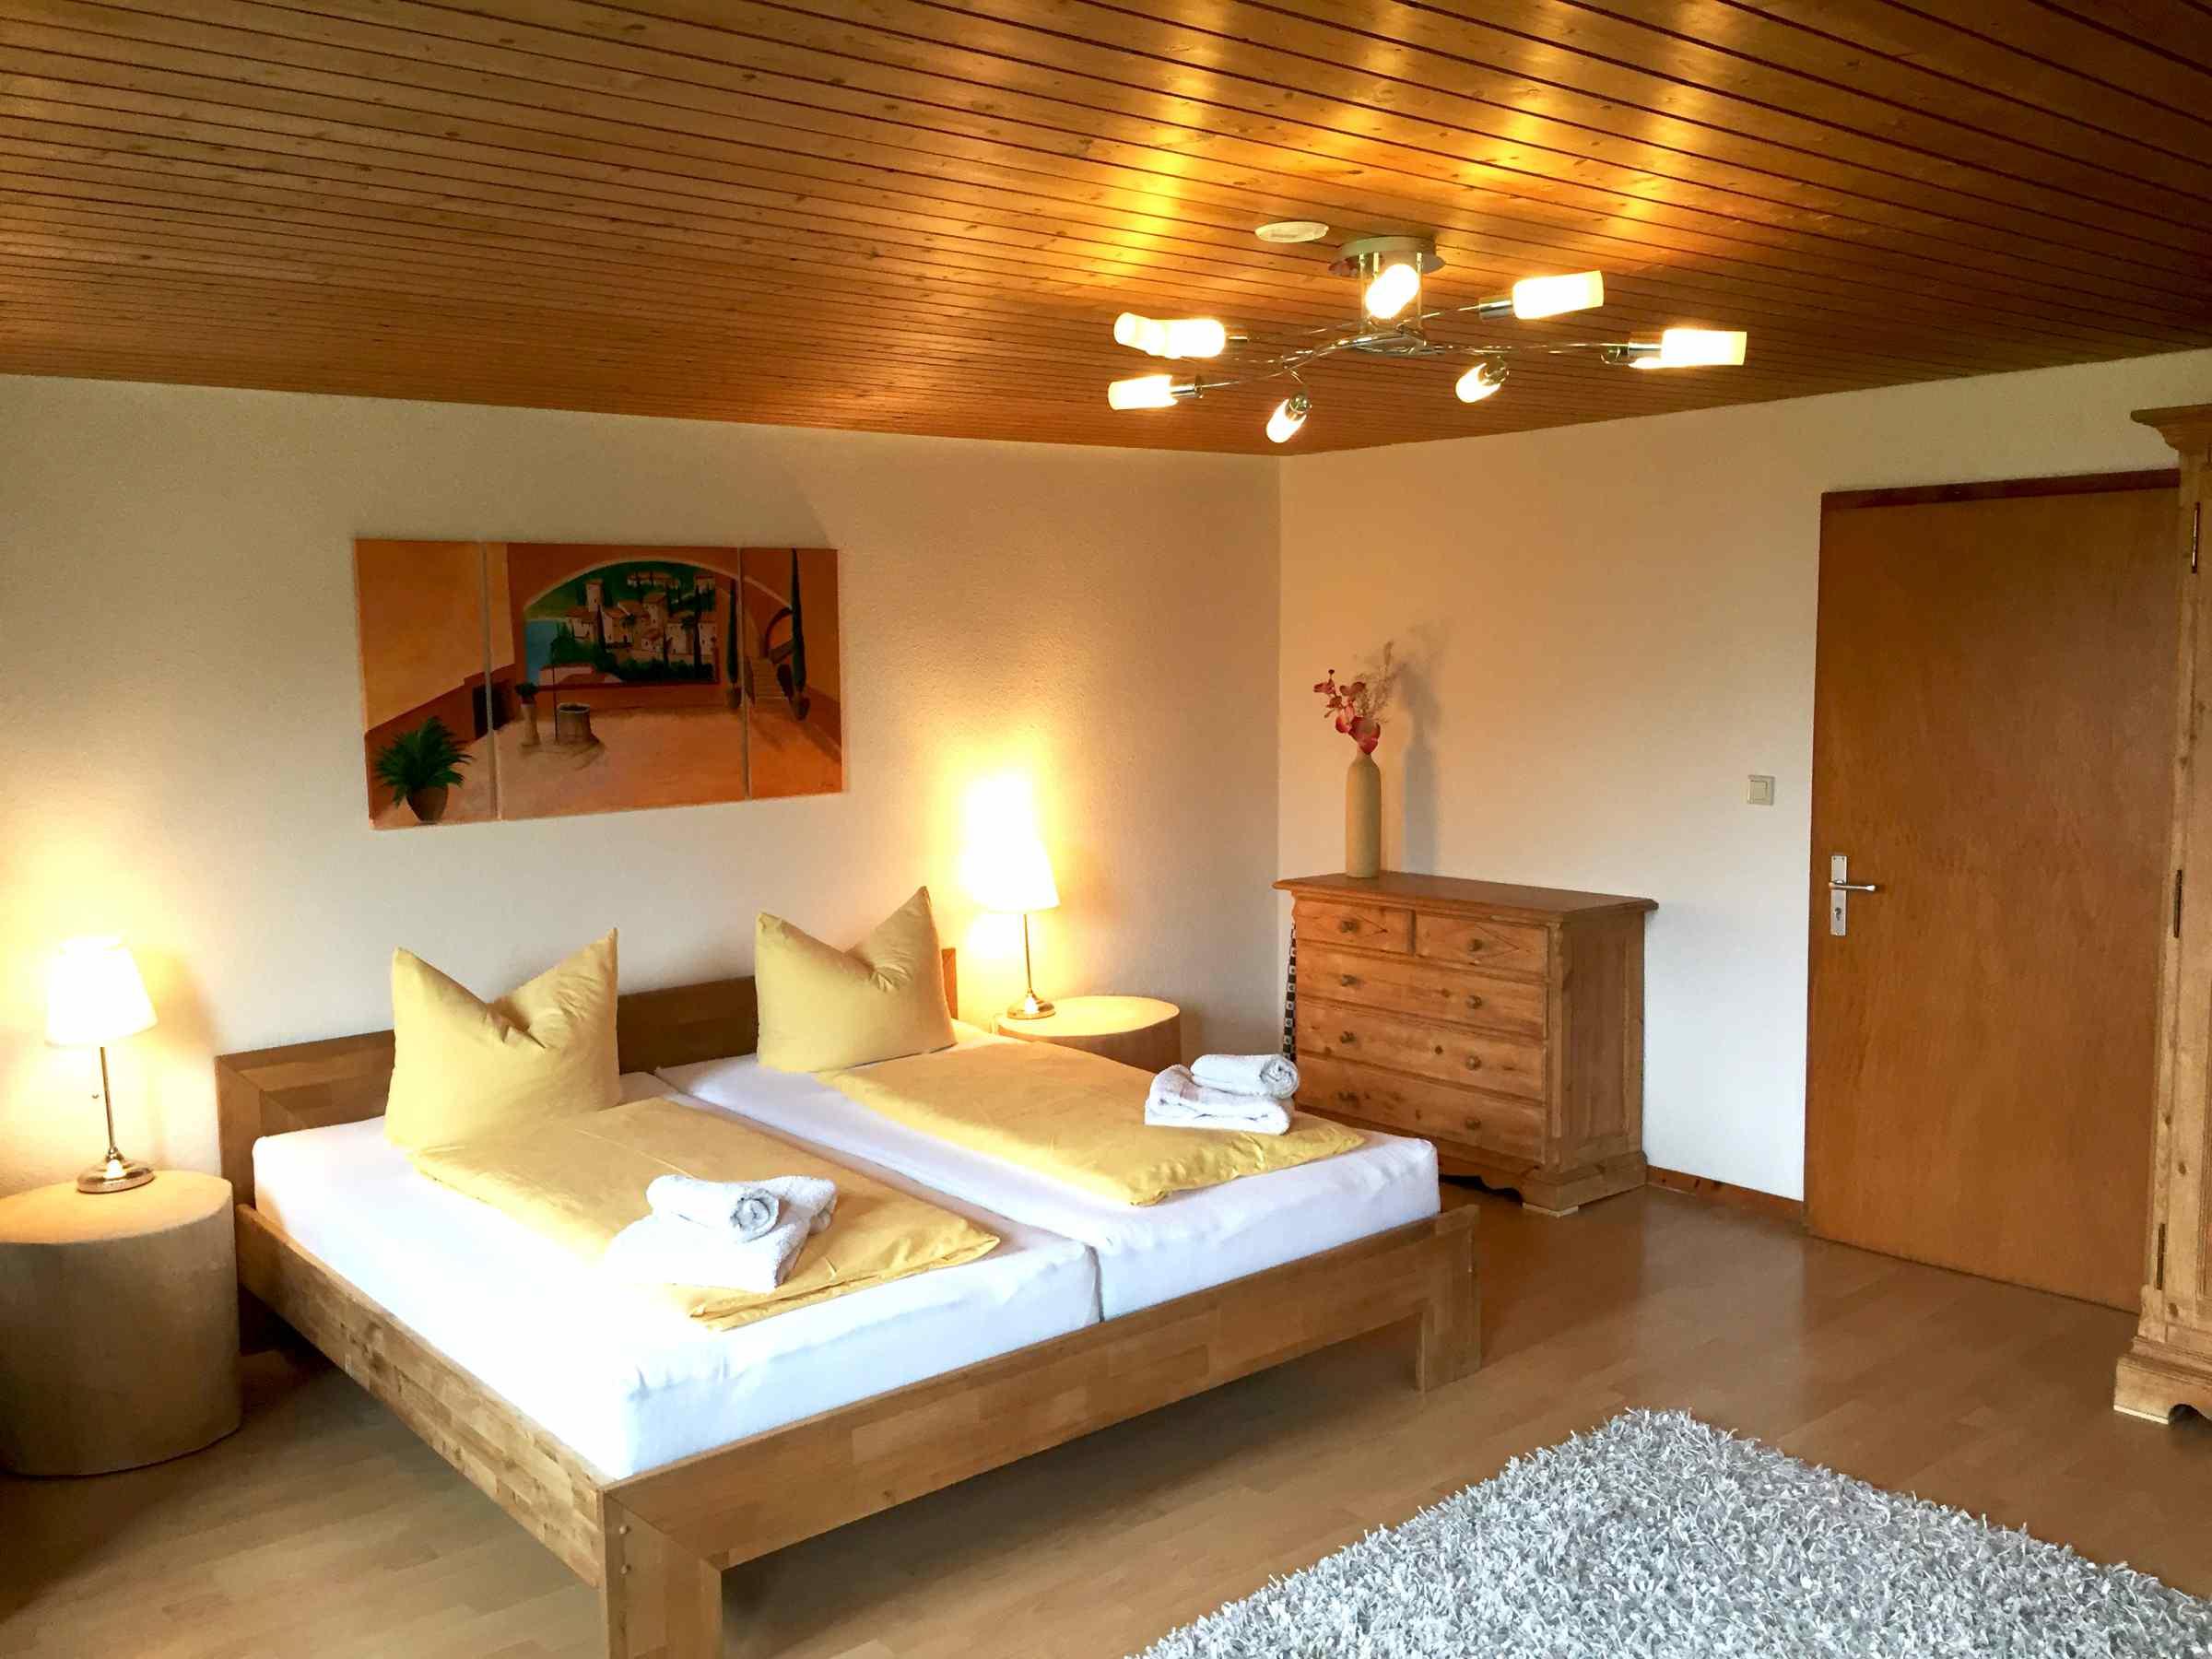 Ferienwohnung Storzenhof, (Unterkirnach). Ferienwohnung, 140qm, 3 Schlafzimmer, max. 8 Personen (2790199), Unterkirnach, Schwarzwald, Baden-Württemberg, Deutschland, Bild 39